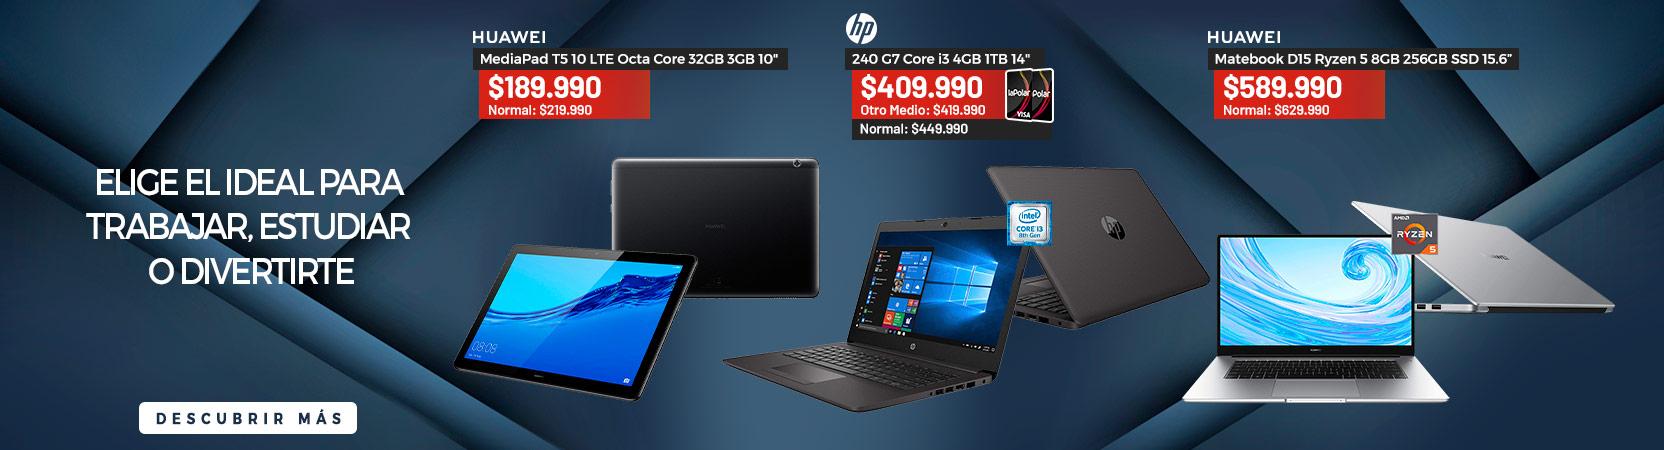 Elige el ideal para trabajar, estudiar o divertirte | Tablet Huawei MediaPad T5 10 LTE Octa Core 32GB 3GB 10